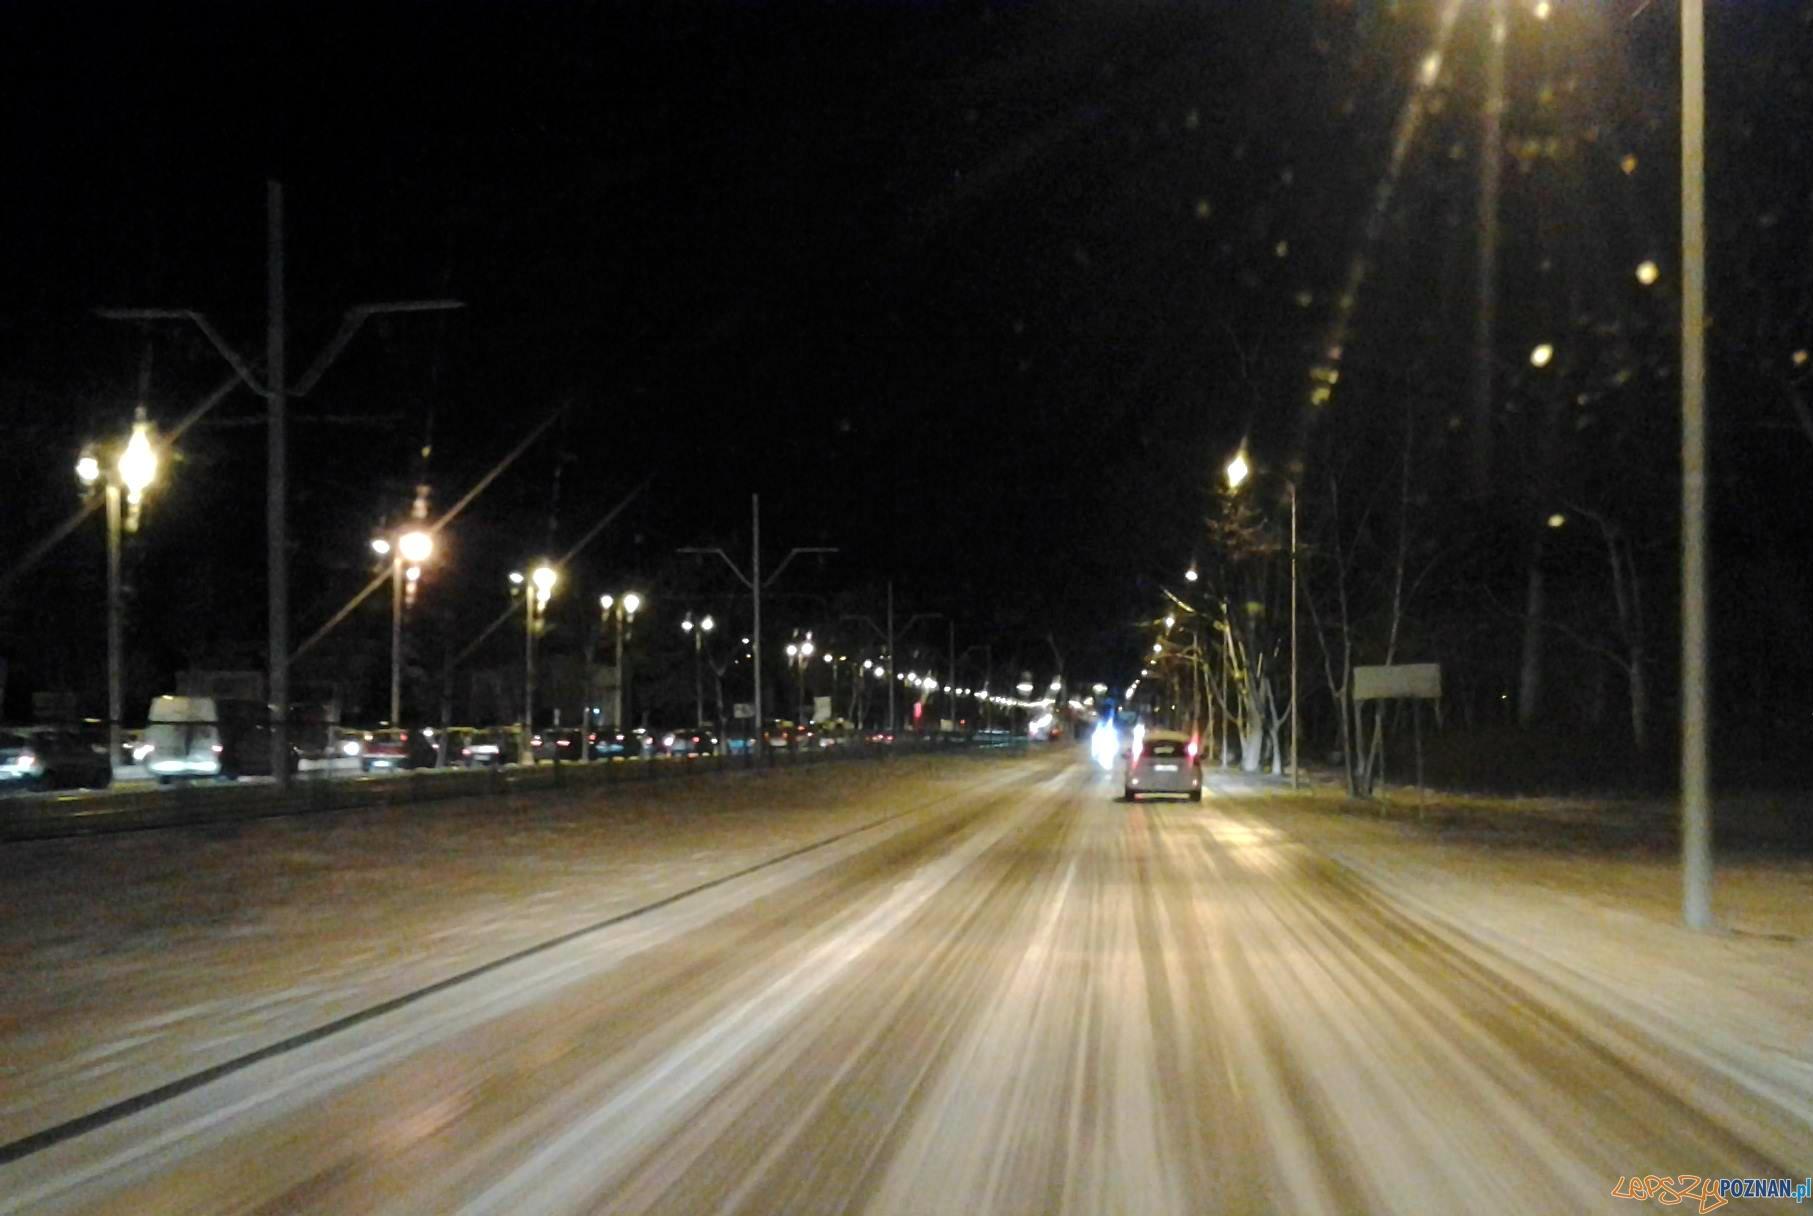 Śliskie ulice w Poznaniu  Foto: lepszyPOZNAN.pl / tab 10.1